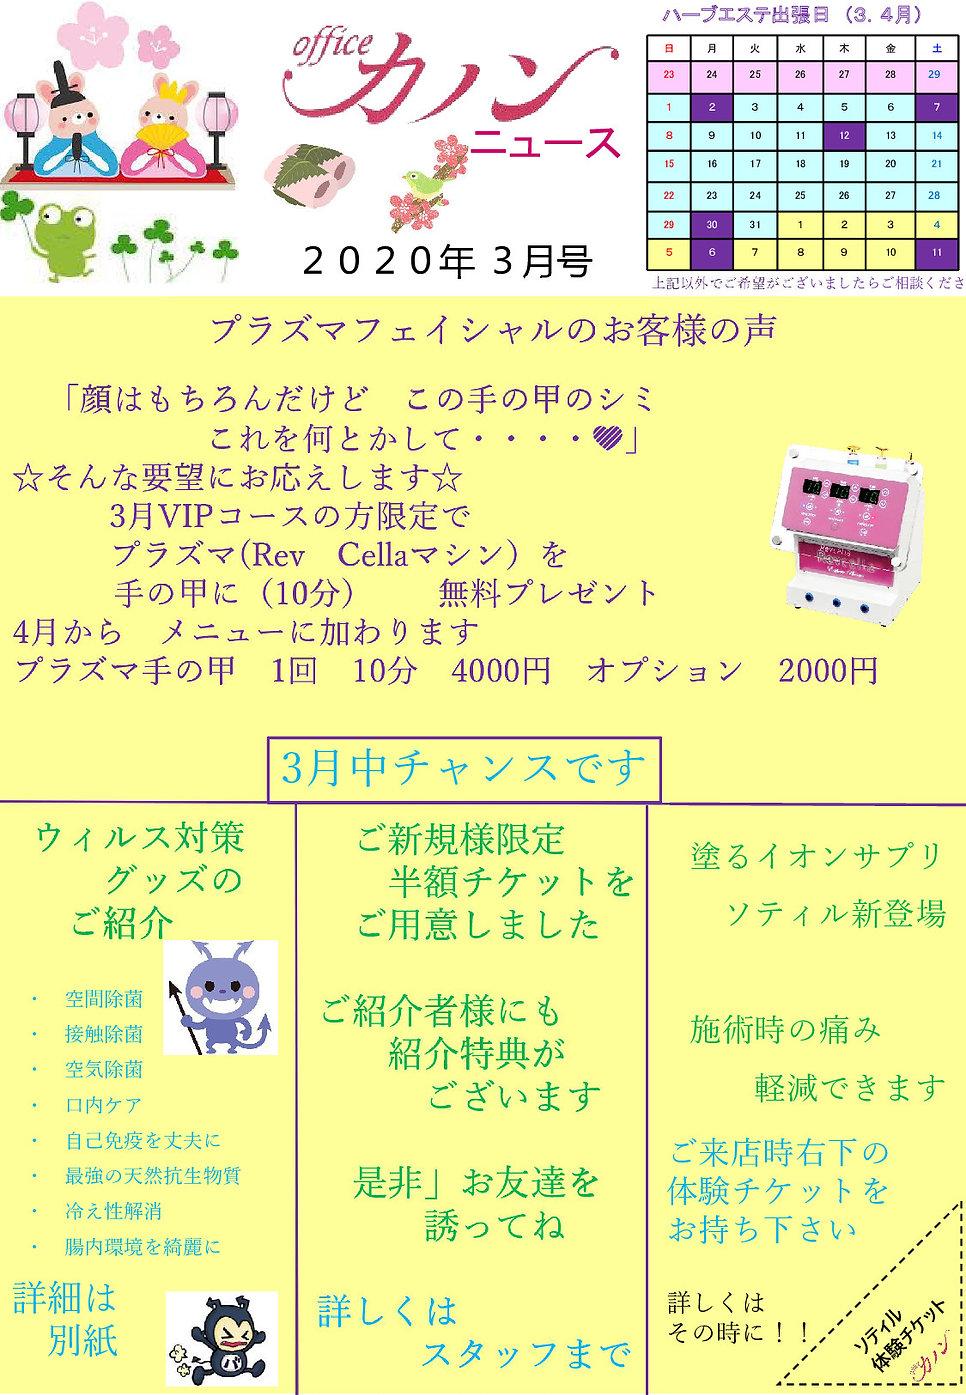 カノンニュース03月.jpg